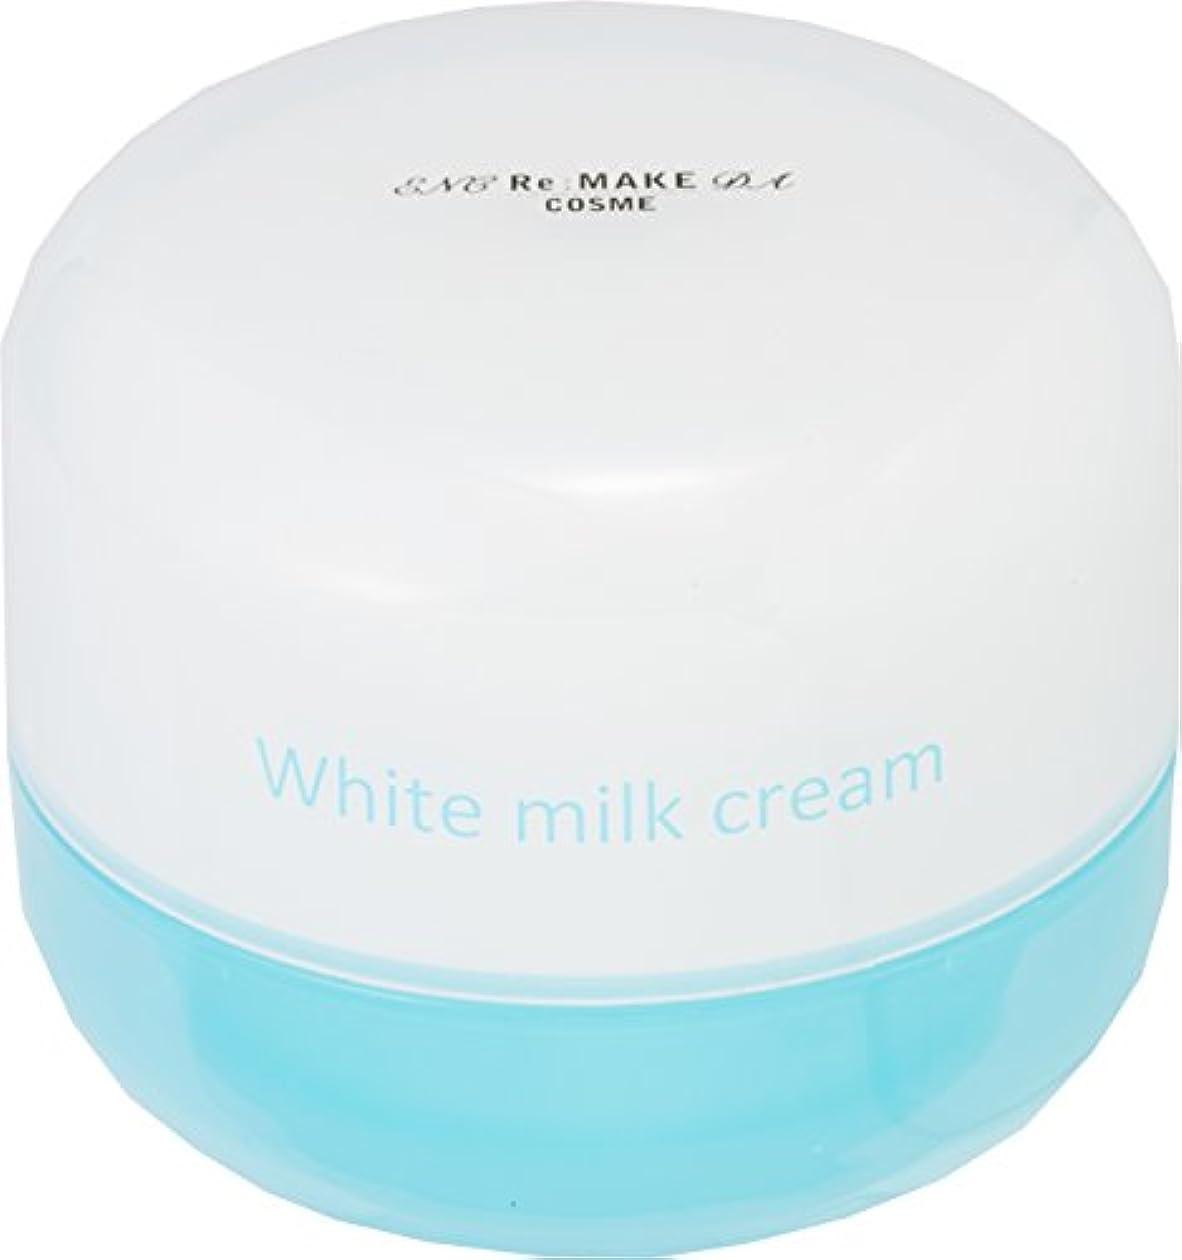 いいね原稿重要性ホワイトミルククリーム